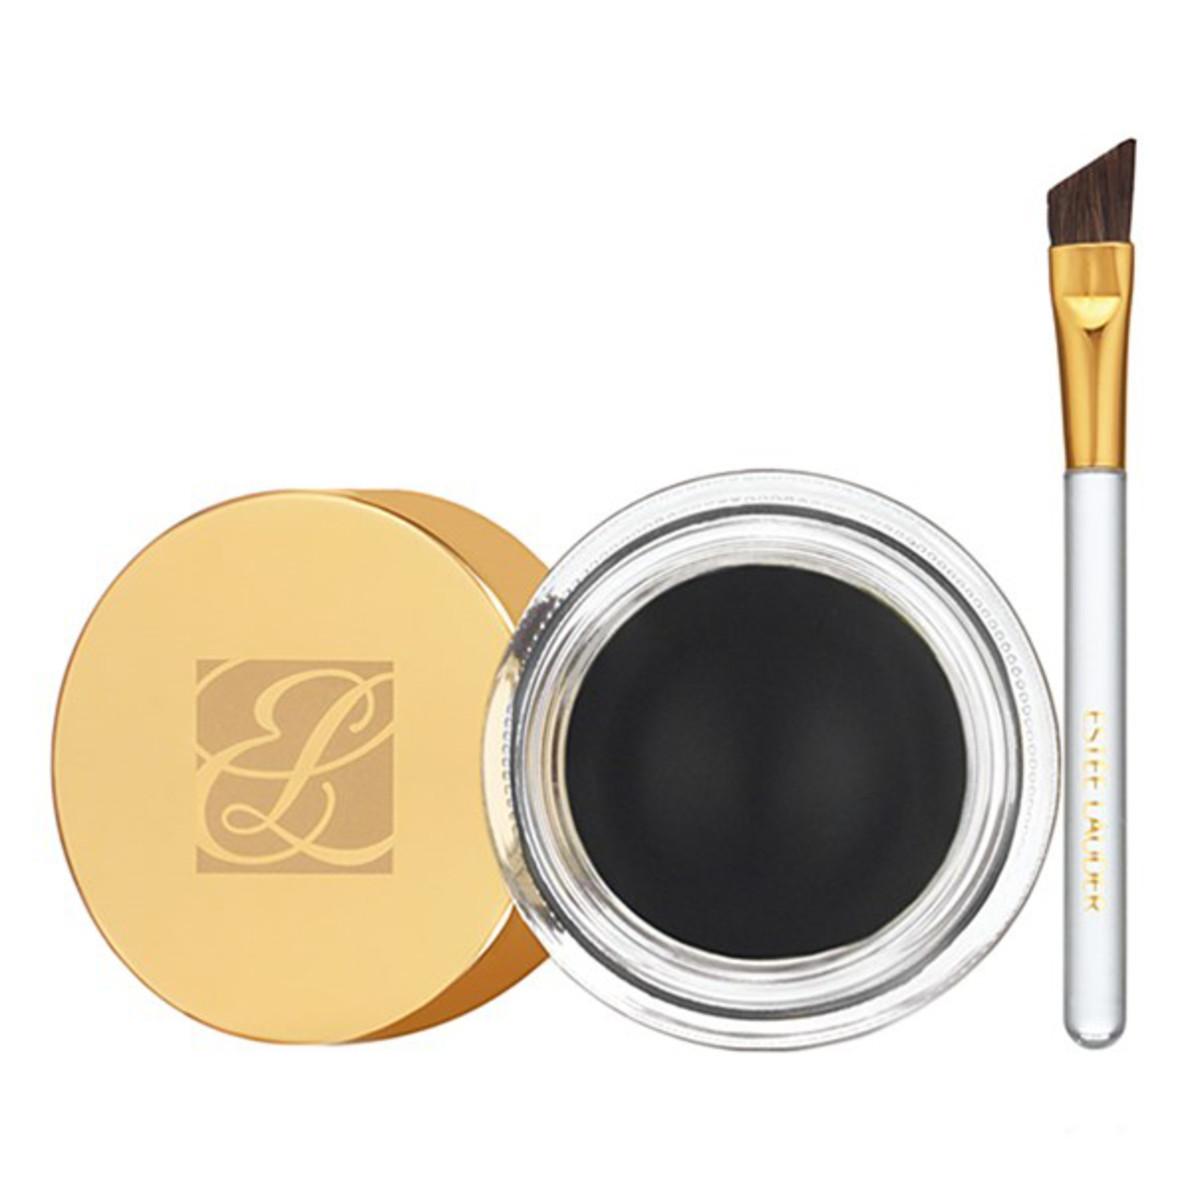 Estee Lauder Double Wear Stay-in-Place Gel Eyeliner in Onyx